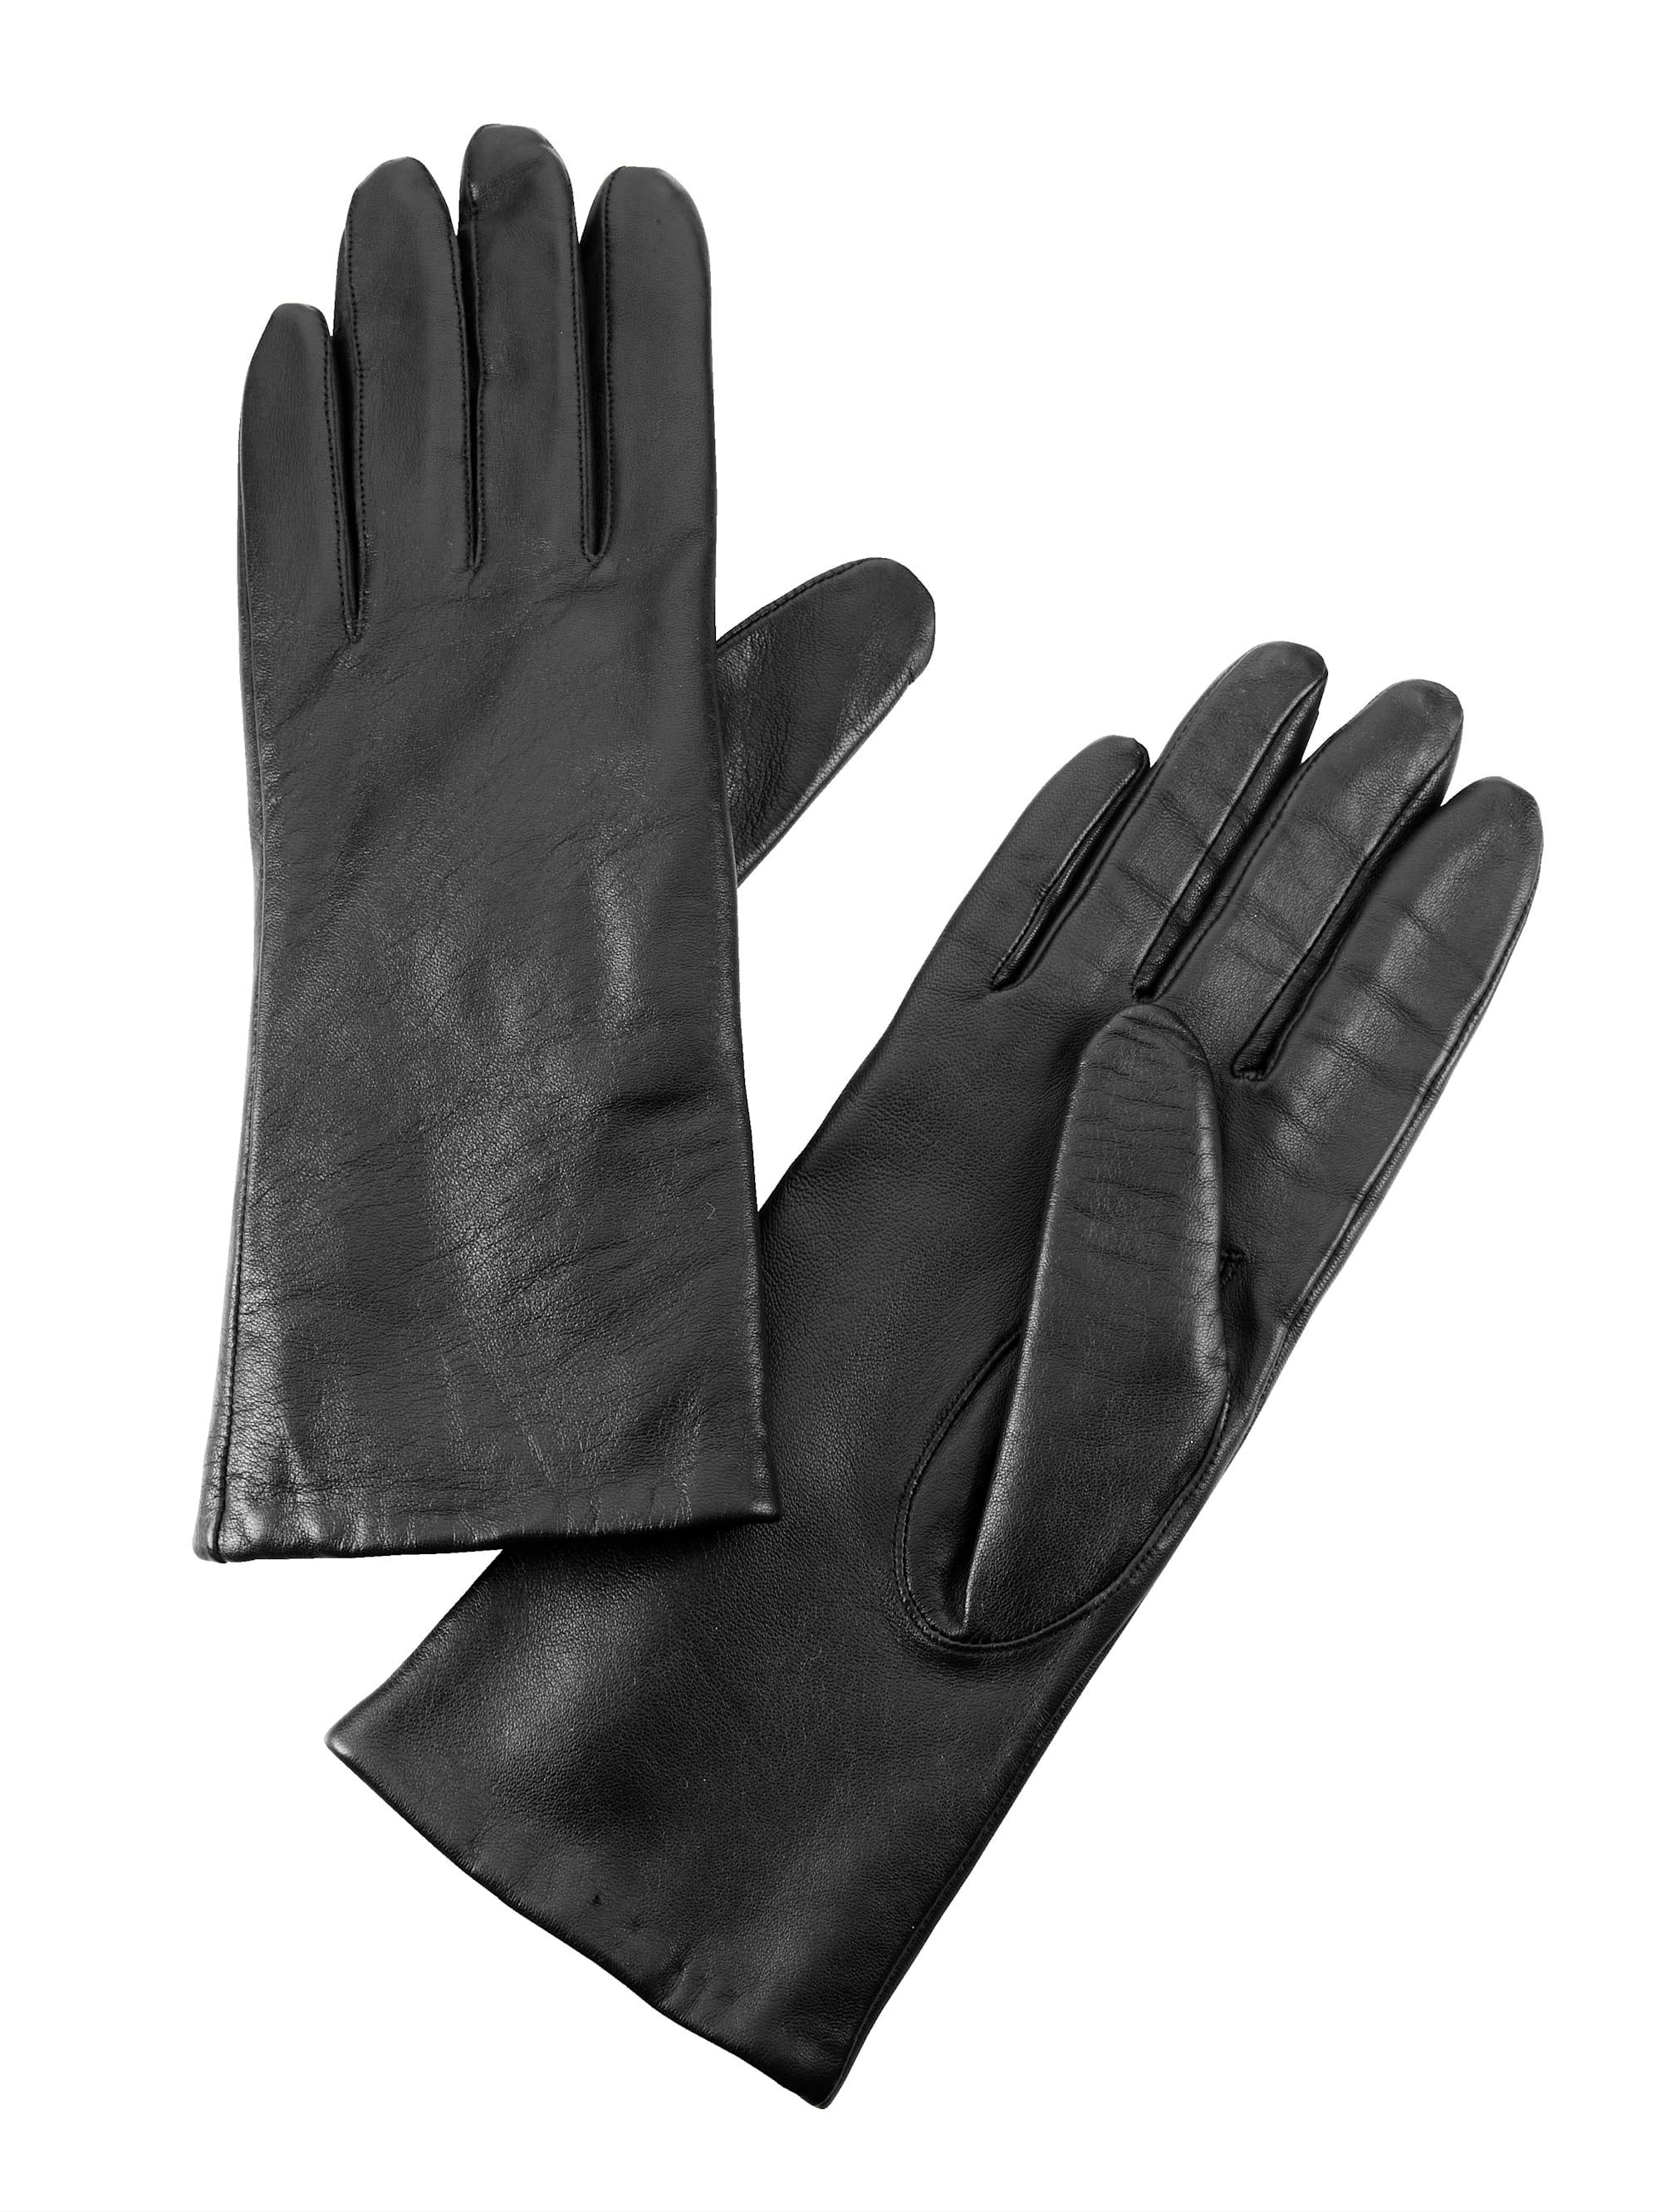 Mona Lederhandschuhe schwarz Damen Fingerhandschuhe Handschuhe Accessoires